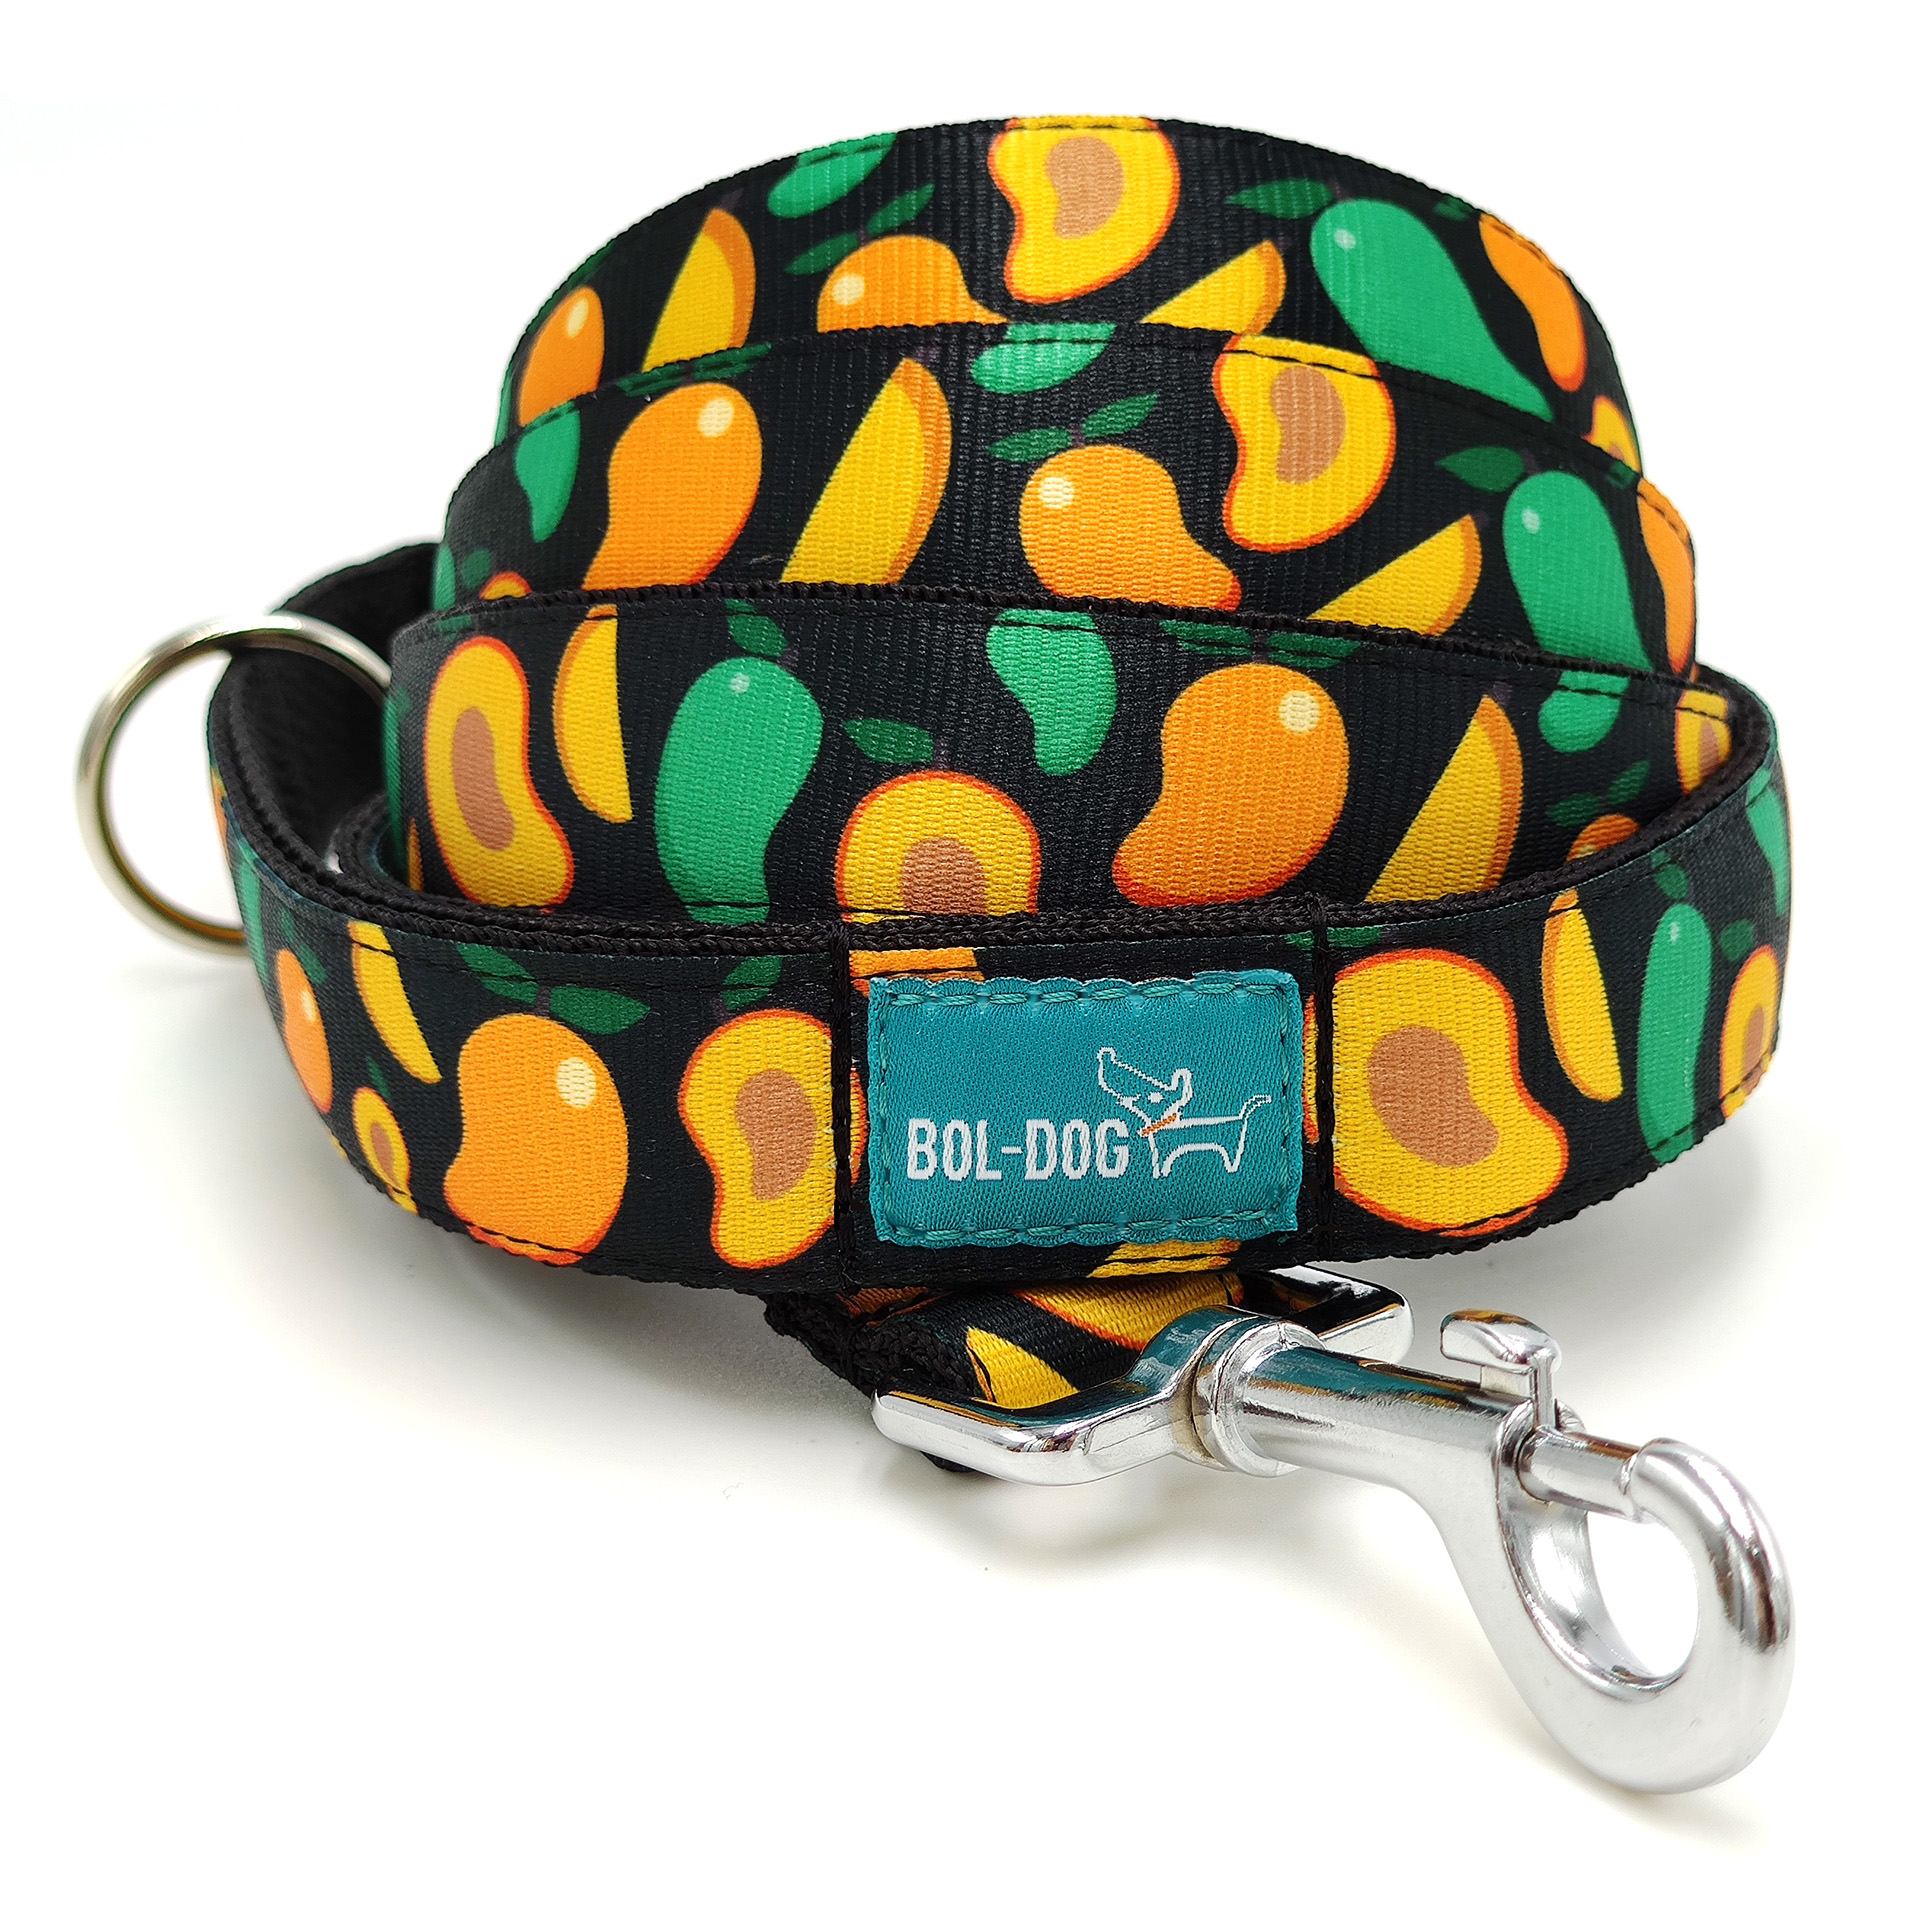 Mango dog leash